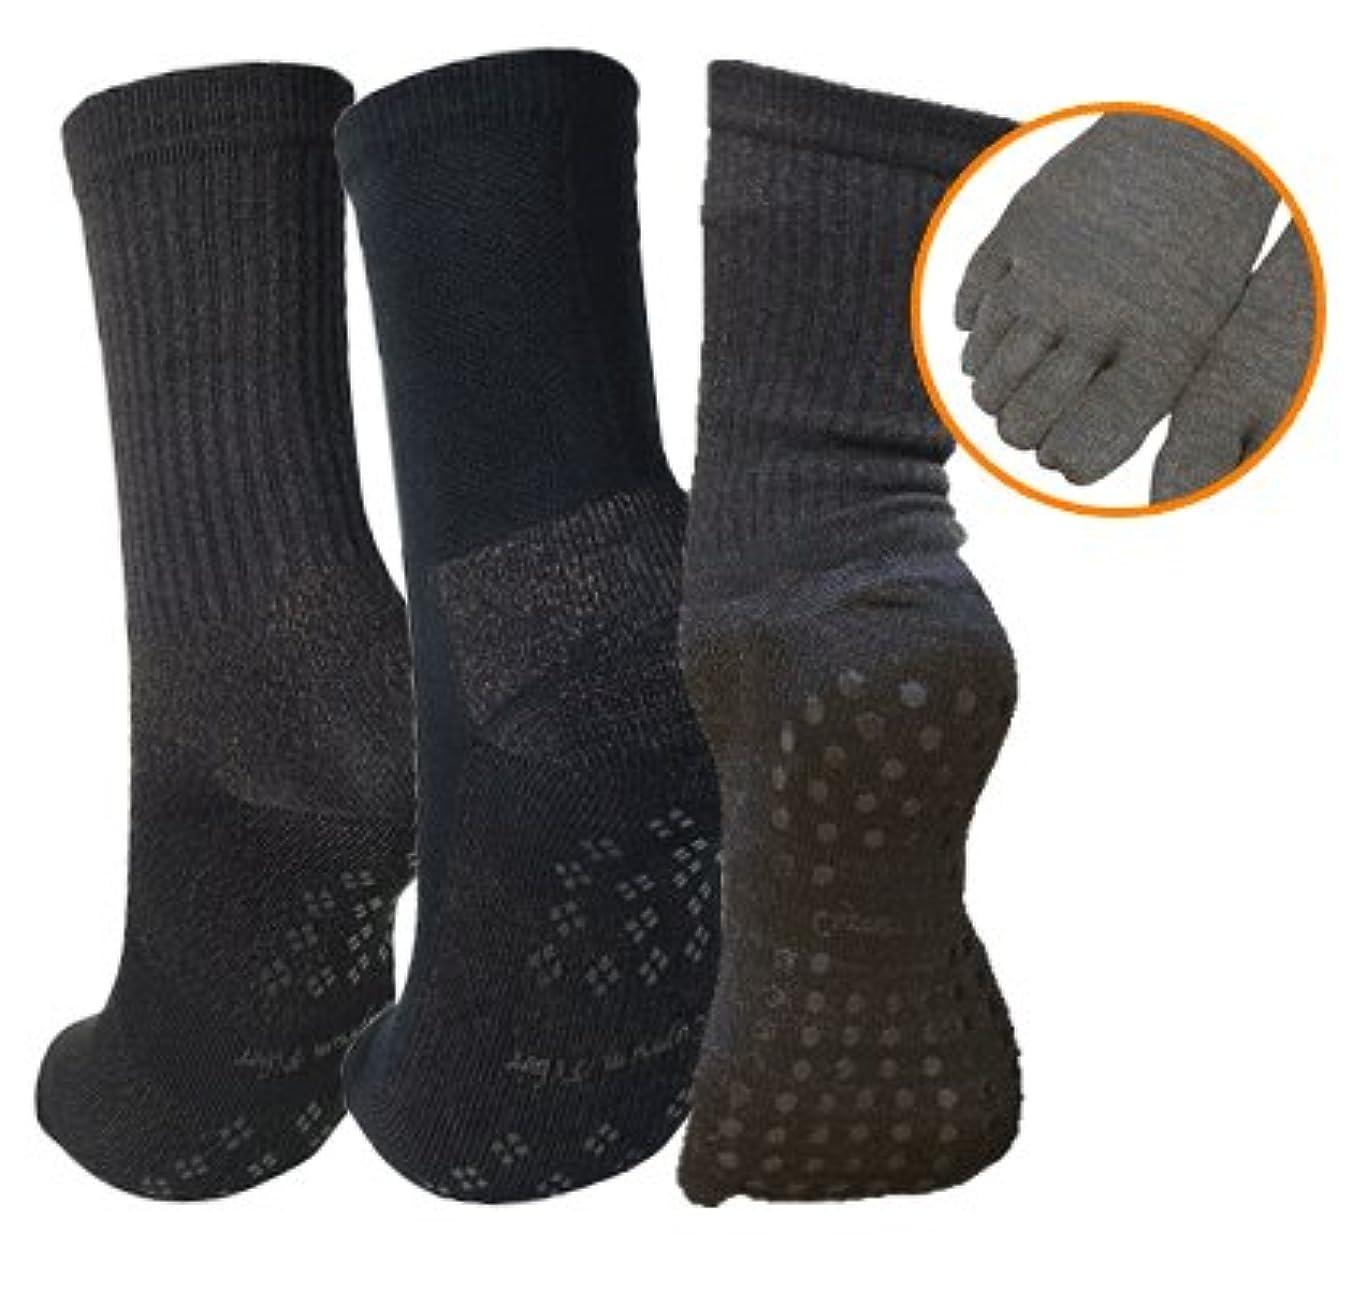 ステッチ応答全員銅繊維靴下「足もとはいつも青春」 女性専用お得お試し3点セット 【しもやけ対策に】